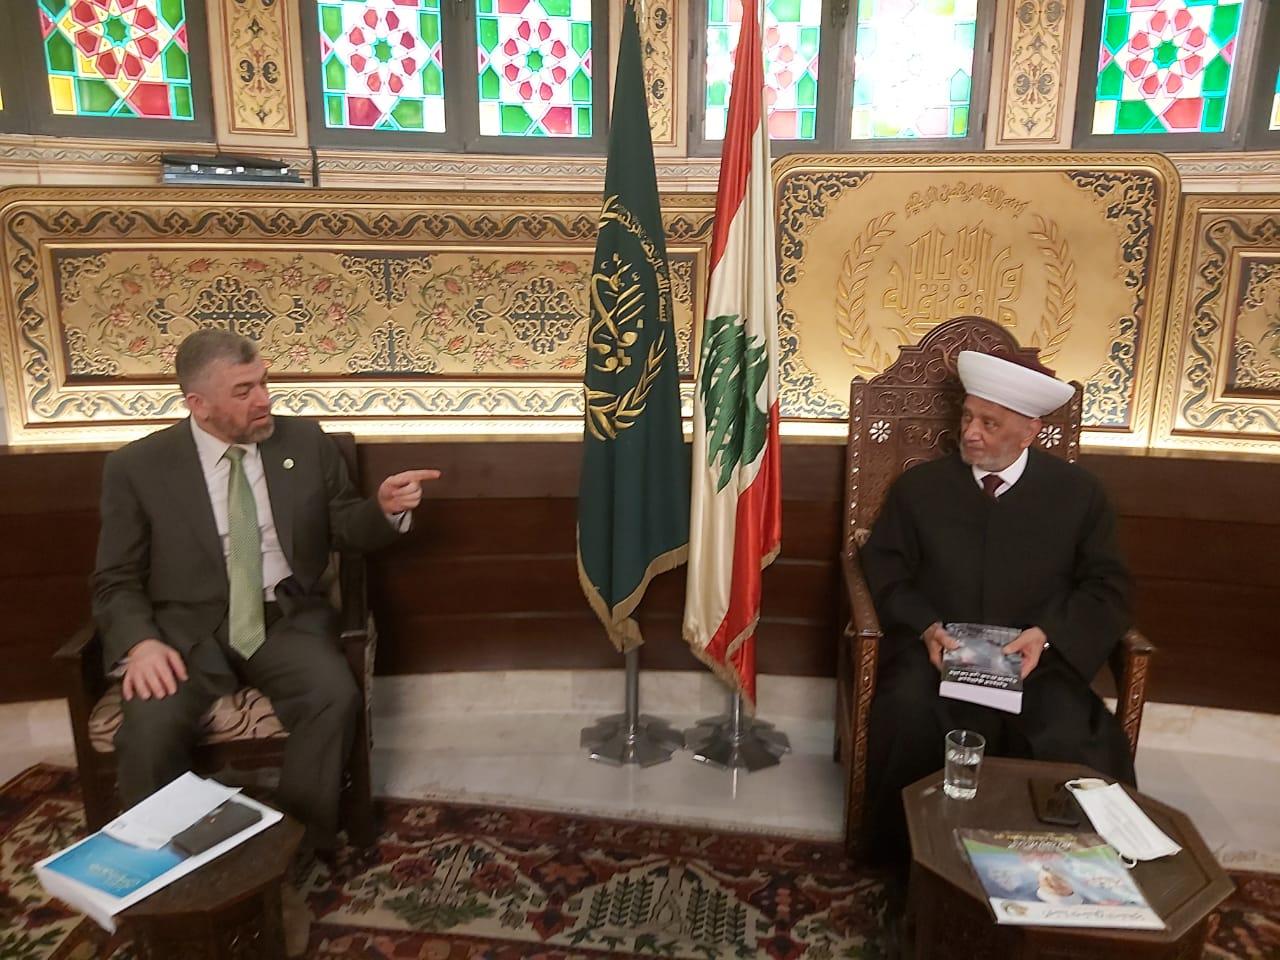 وفد جامعة طرابلس في زيارة مفتي الجمهورية اللبنانية  (1/5)